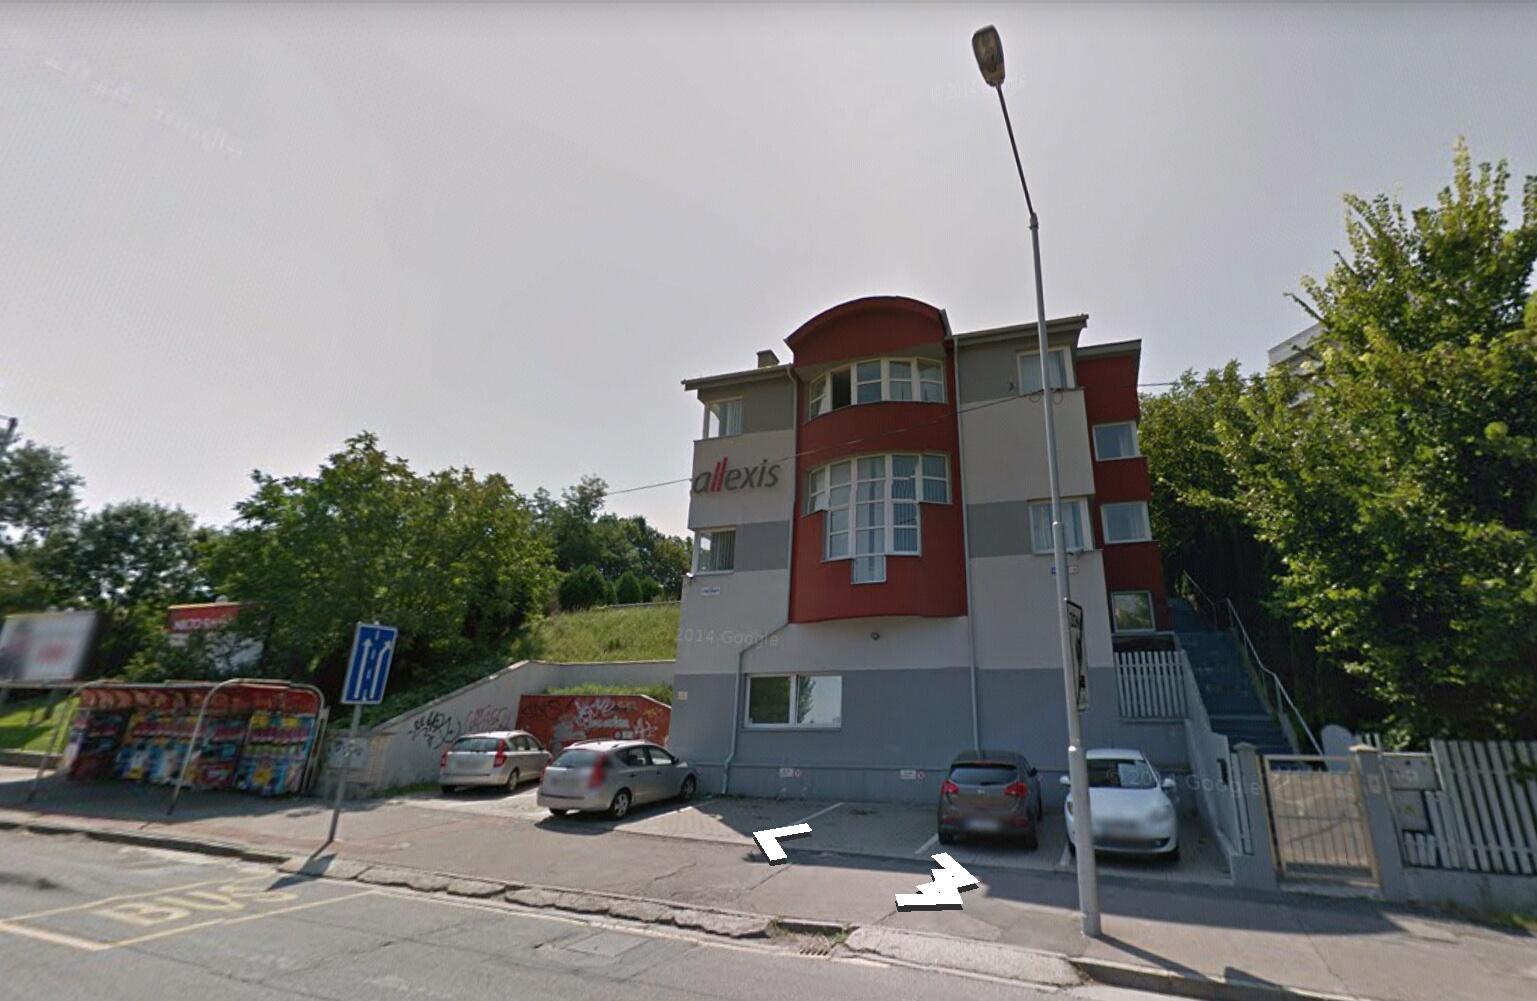 Allexis sídli v nenápadnej budove v Mlynskej doline. Foto - Google